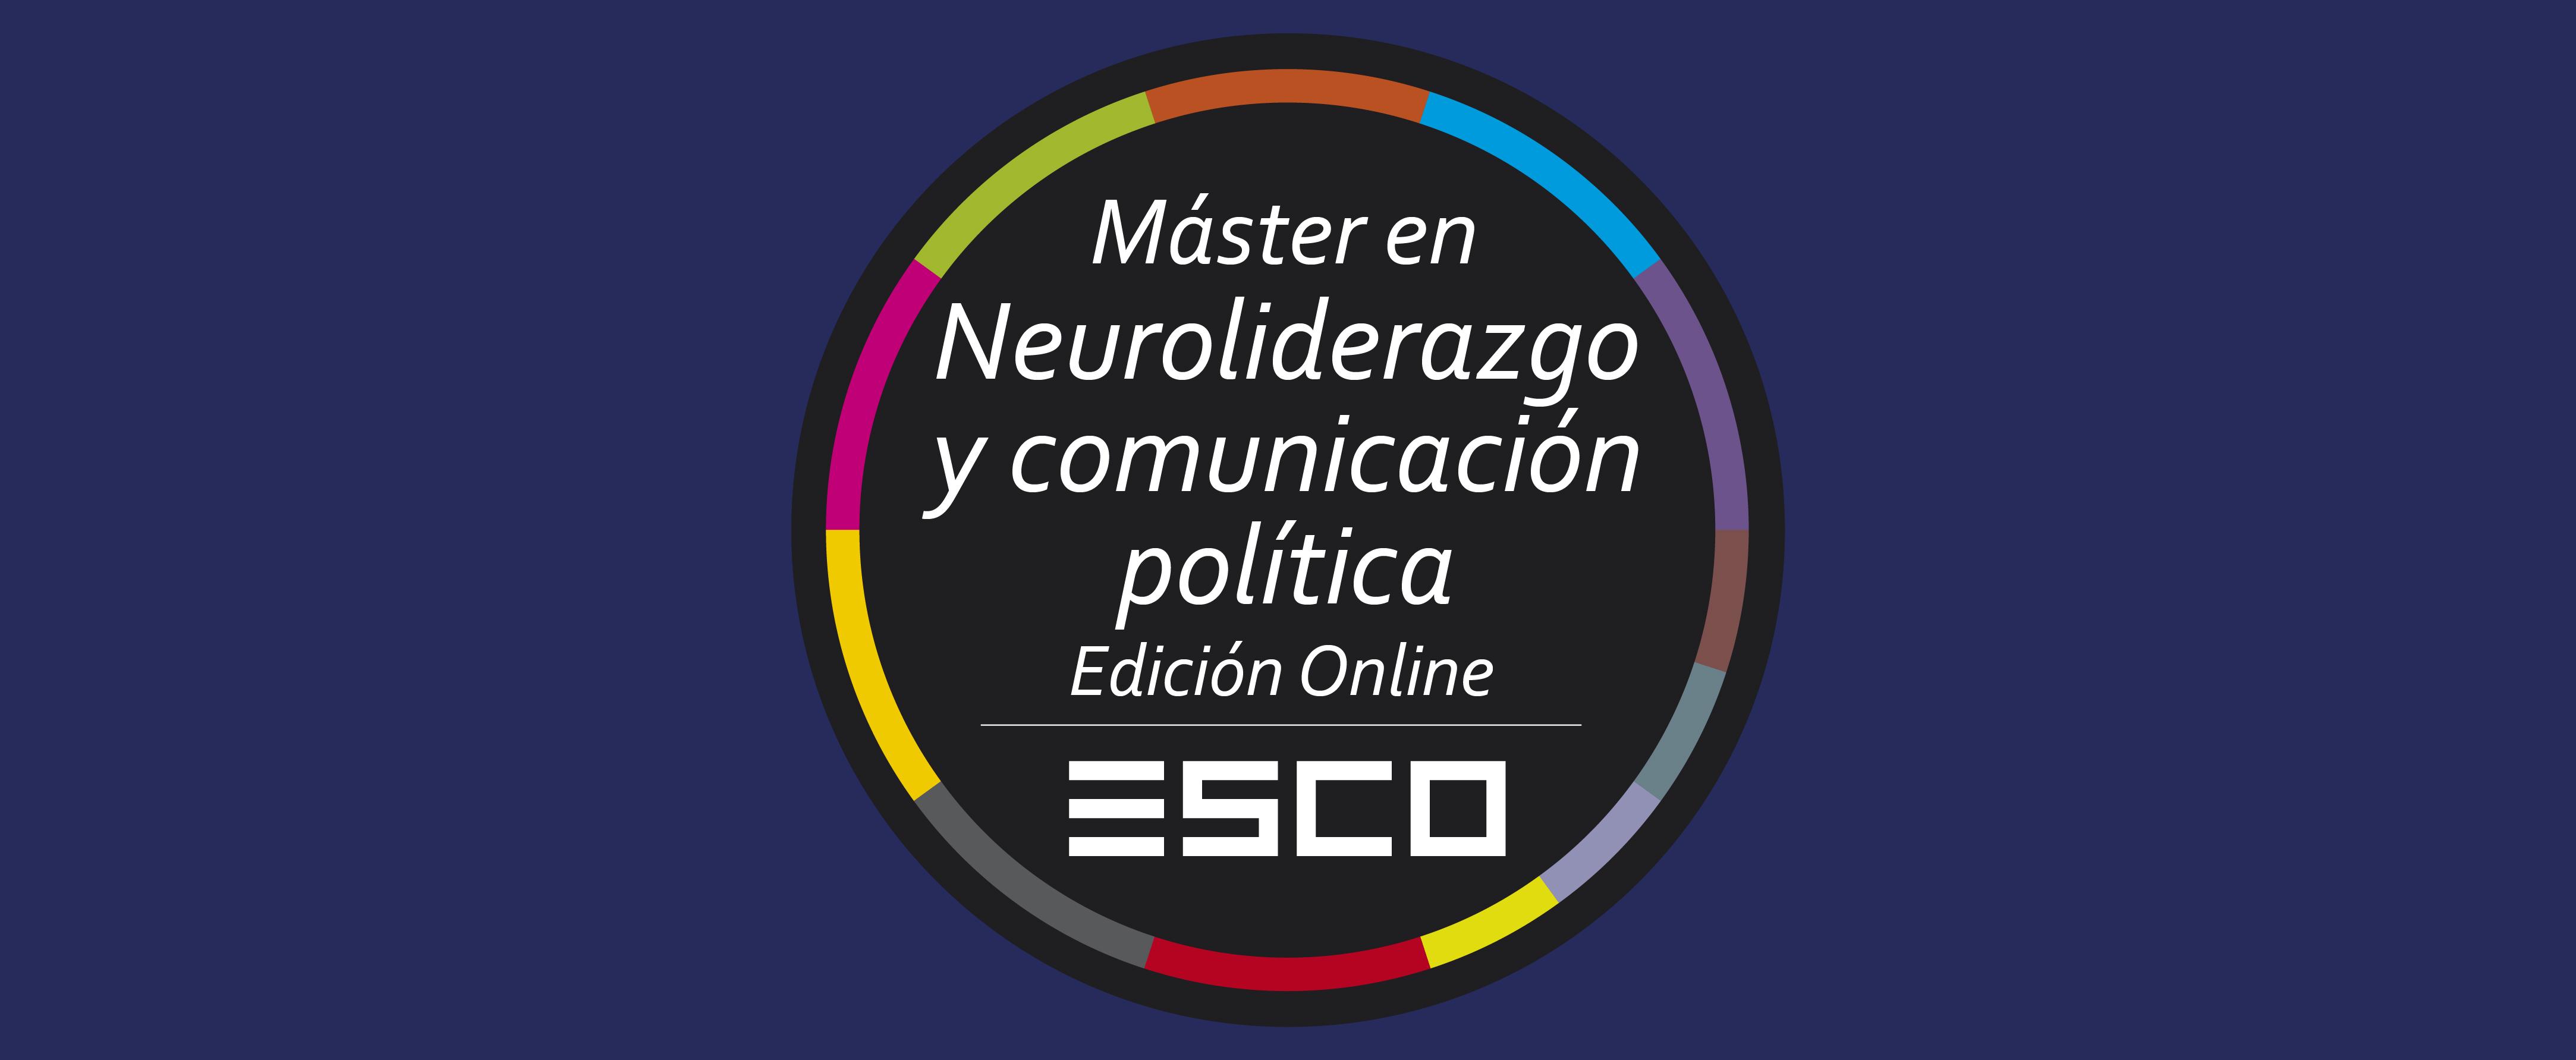 Máster en Neuroliderazgo y comunicacion política ESCO